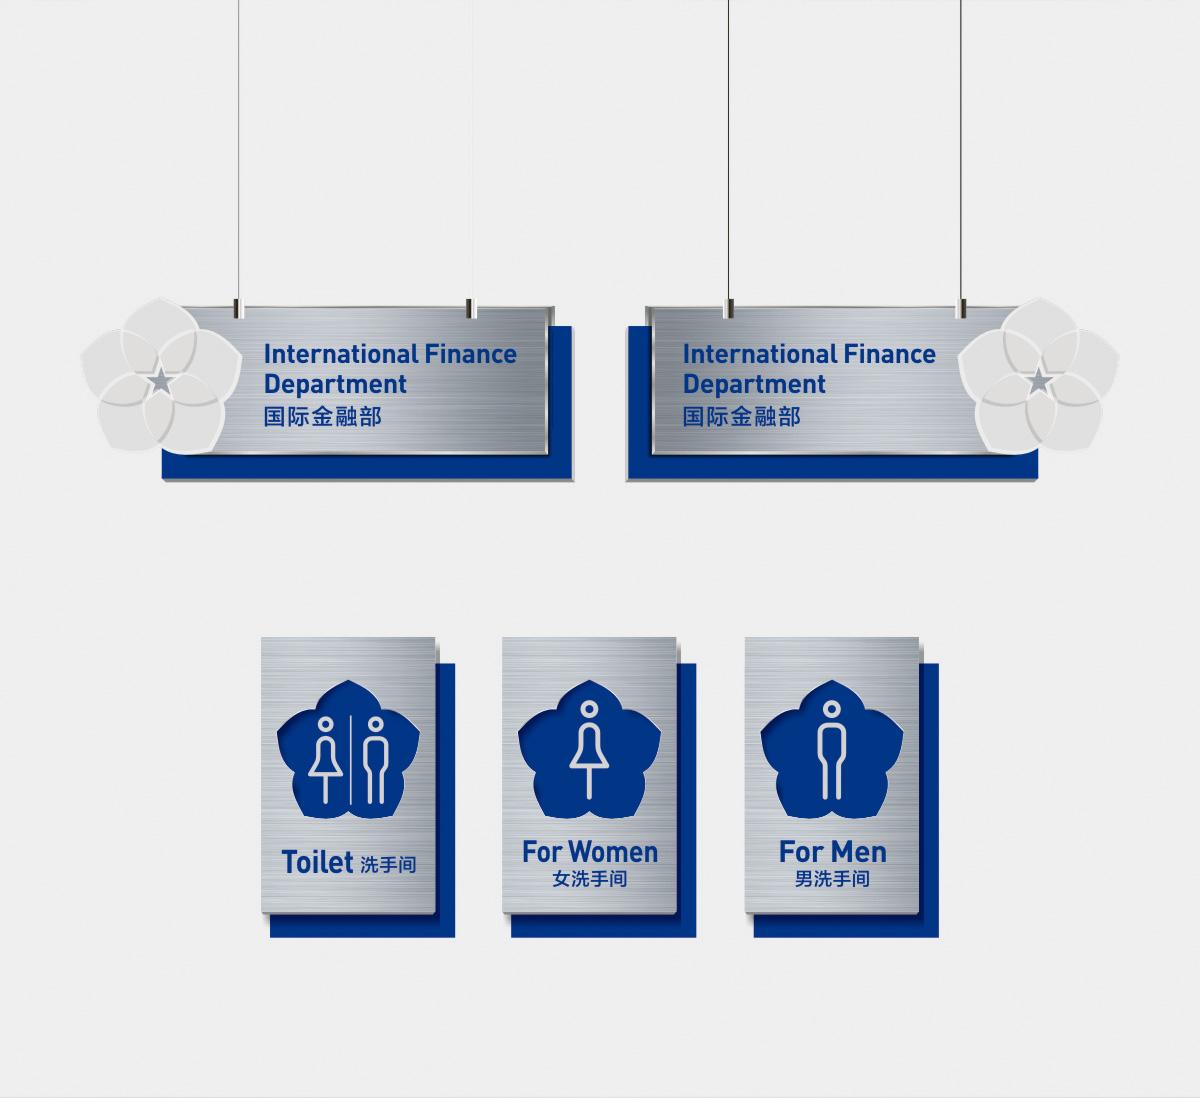 益大家金融品牌形象/LOGO设计案例12